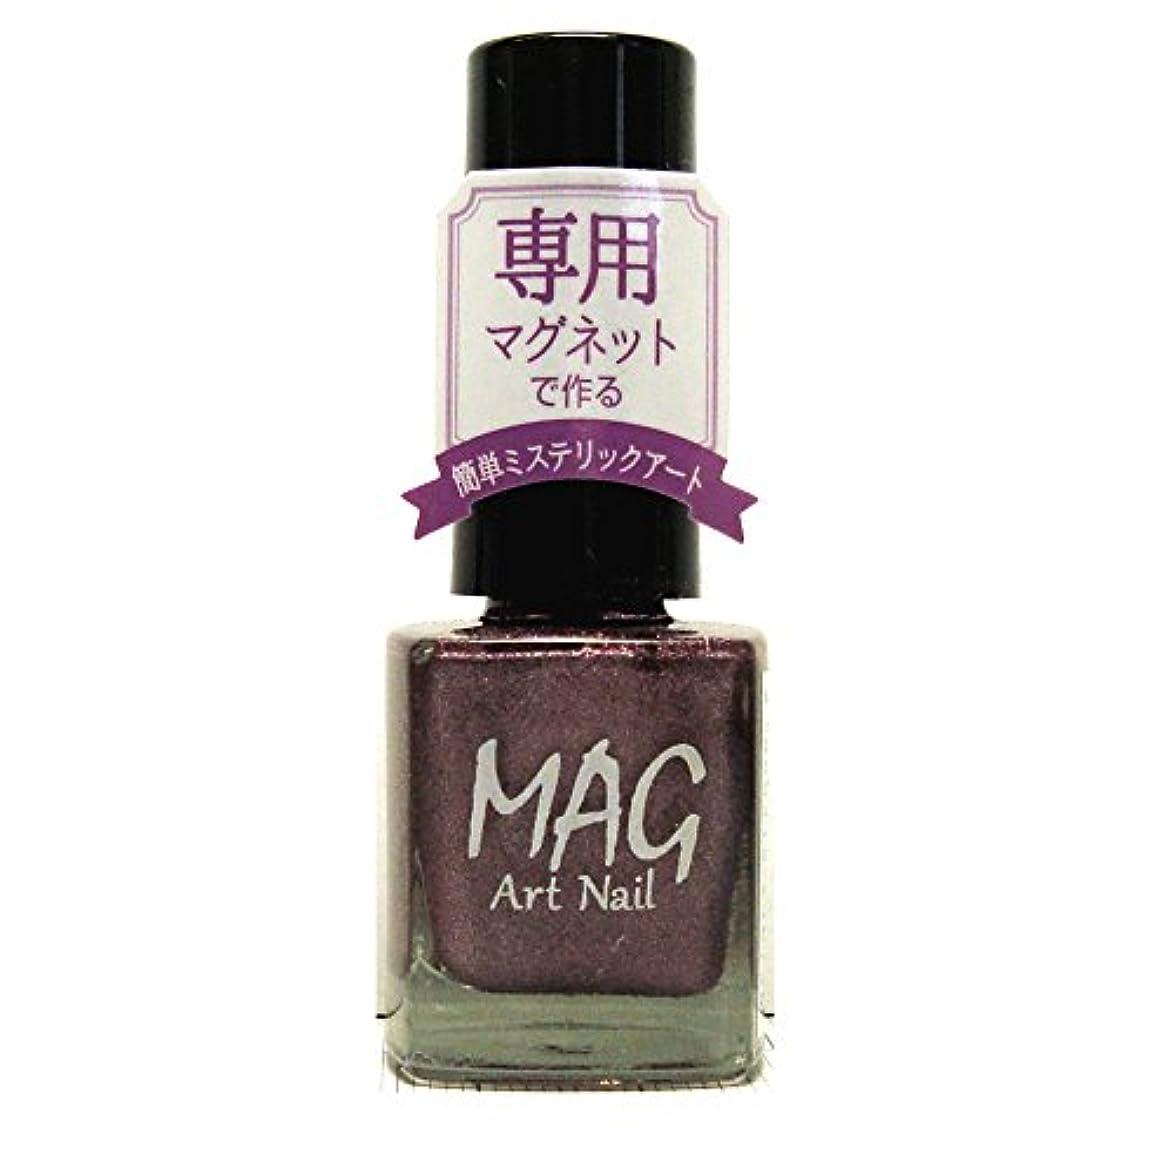 感謝している流暢輪郭TMマグアートネイル(爪化粧料) TMMA1606 グレースフルグレー